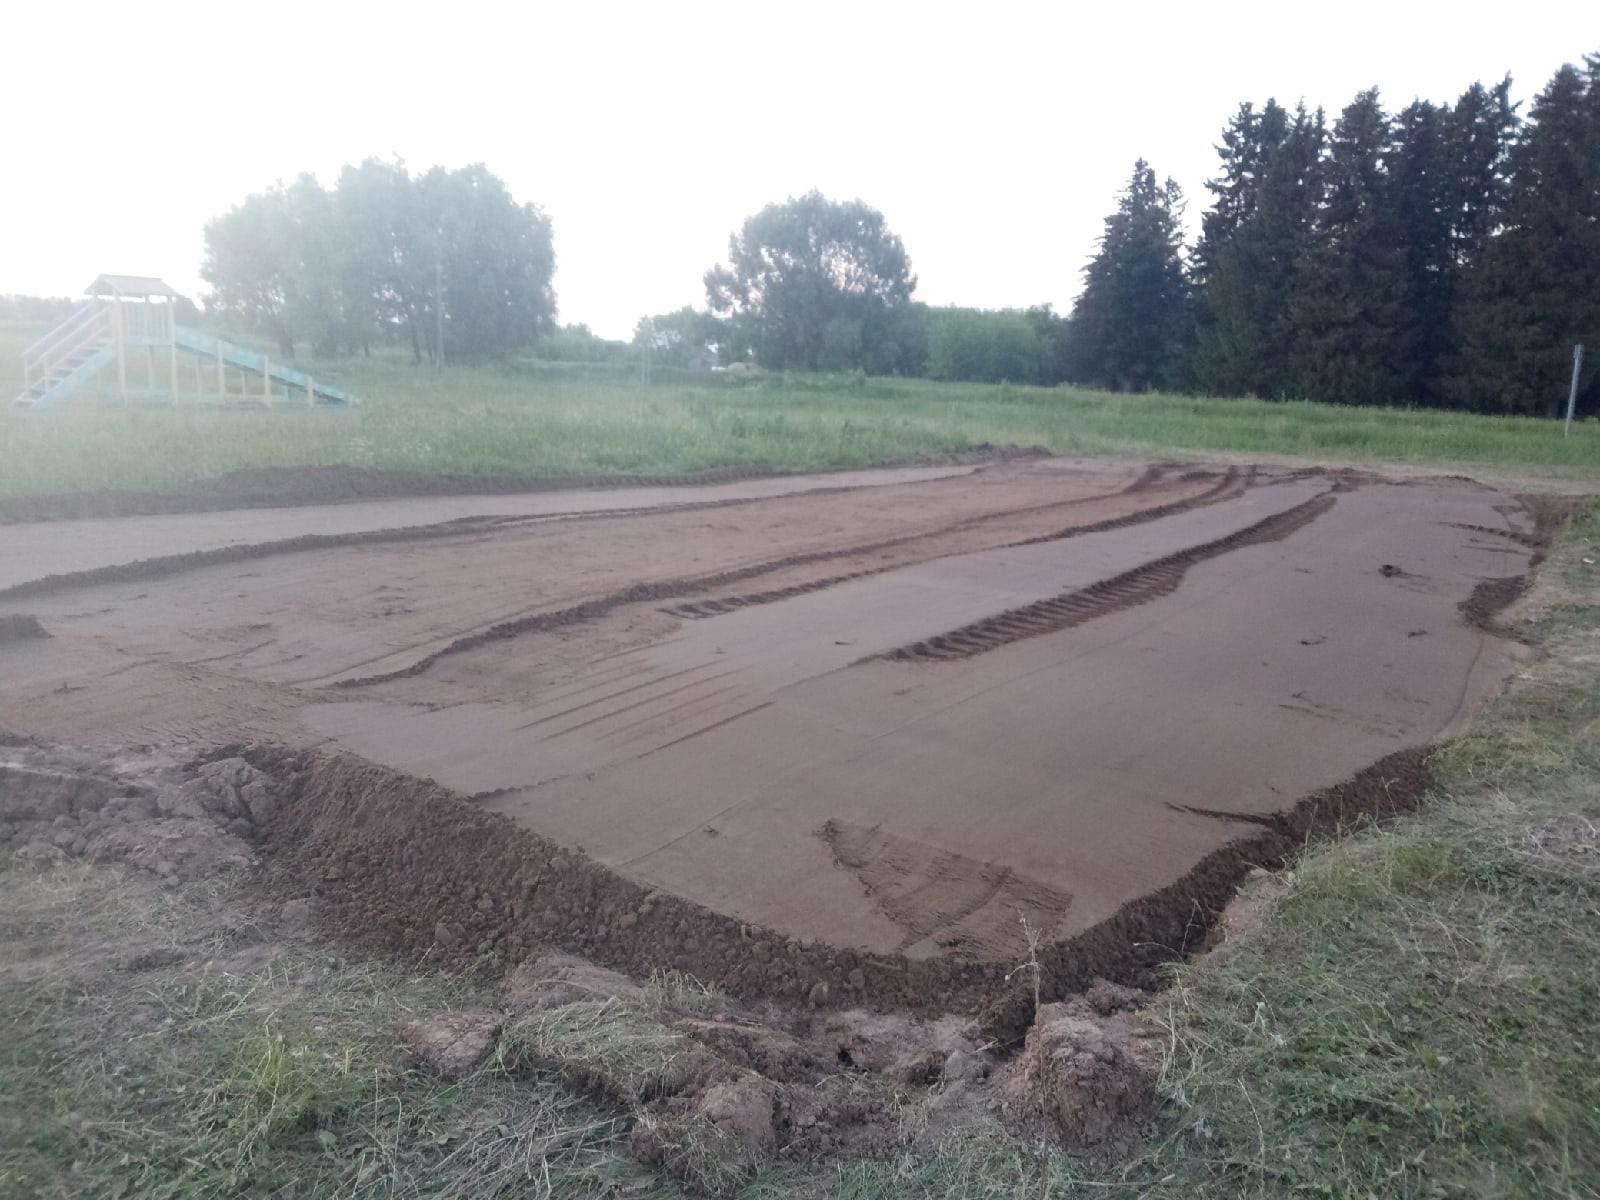 Площадка под пляжный волейбол появится возле пруда